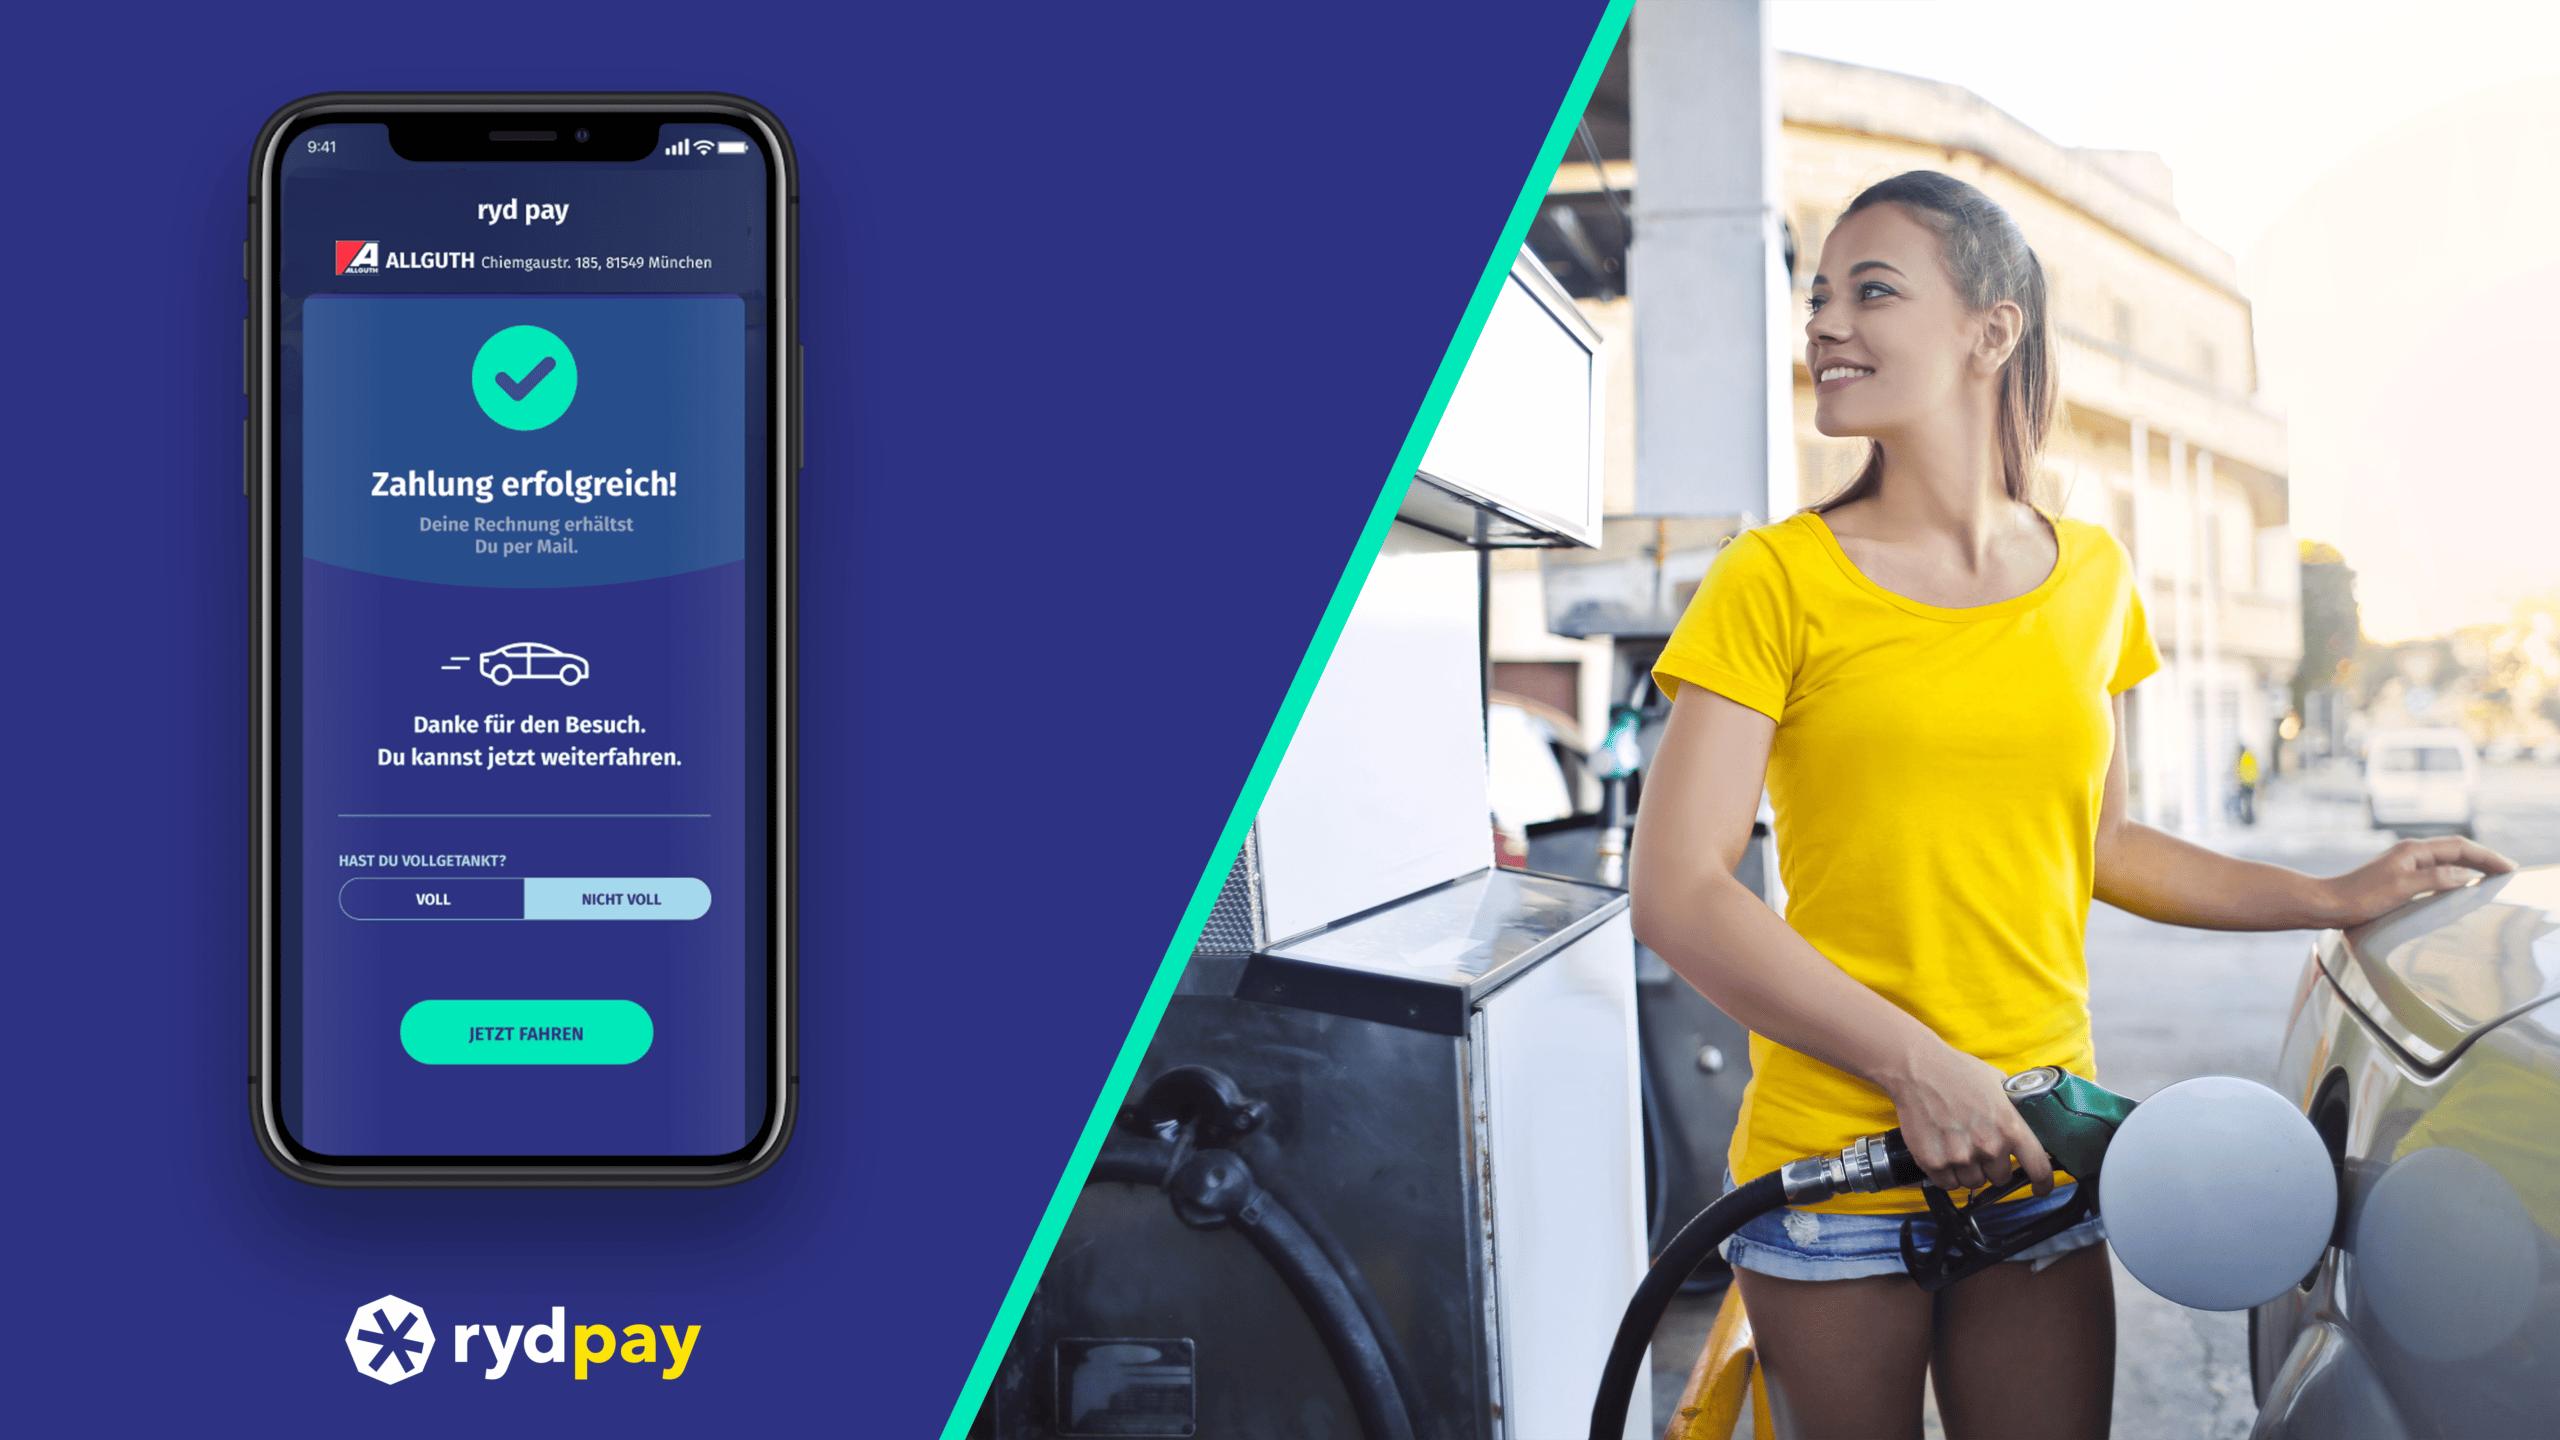 Deutsche Tankstellen: Markenübergreifend und kontaktlos per App bezahlen (mit ryd pay)